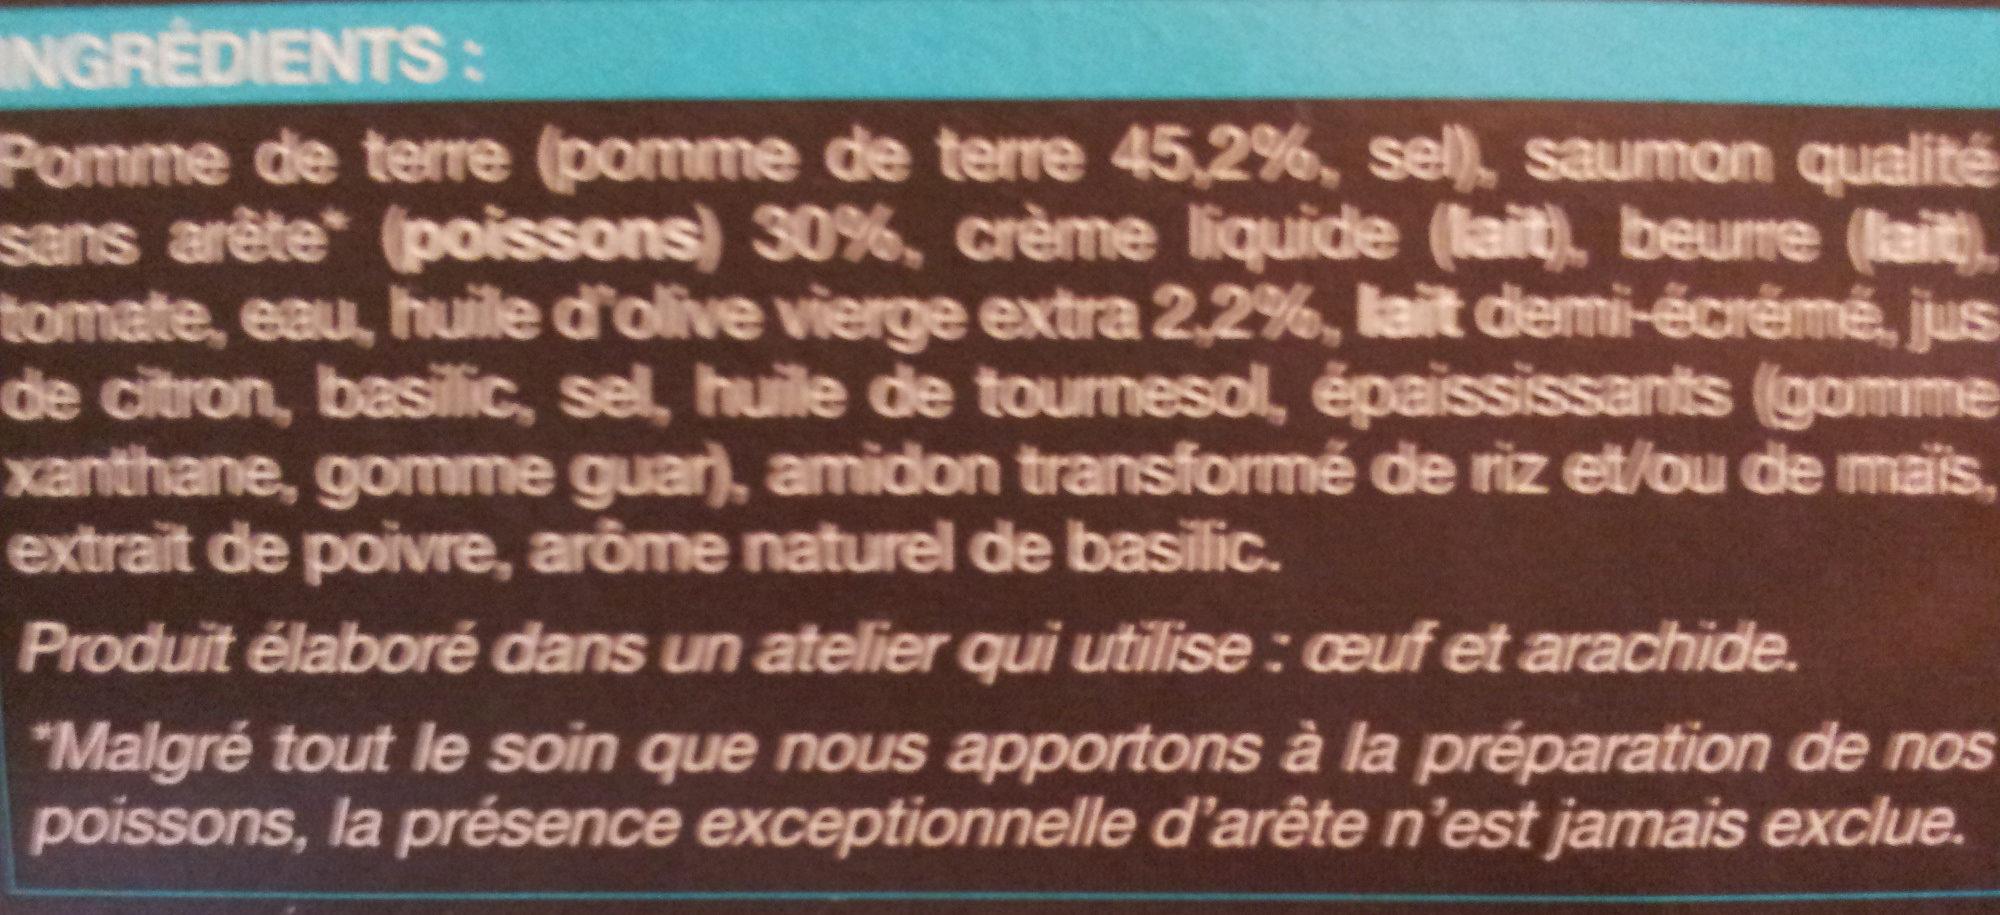 Saumon et écrasée de pomme de terre à l'huile d'olive (2,2%) - Ingredients - fr